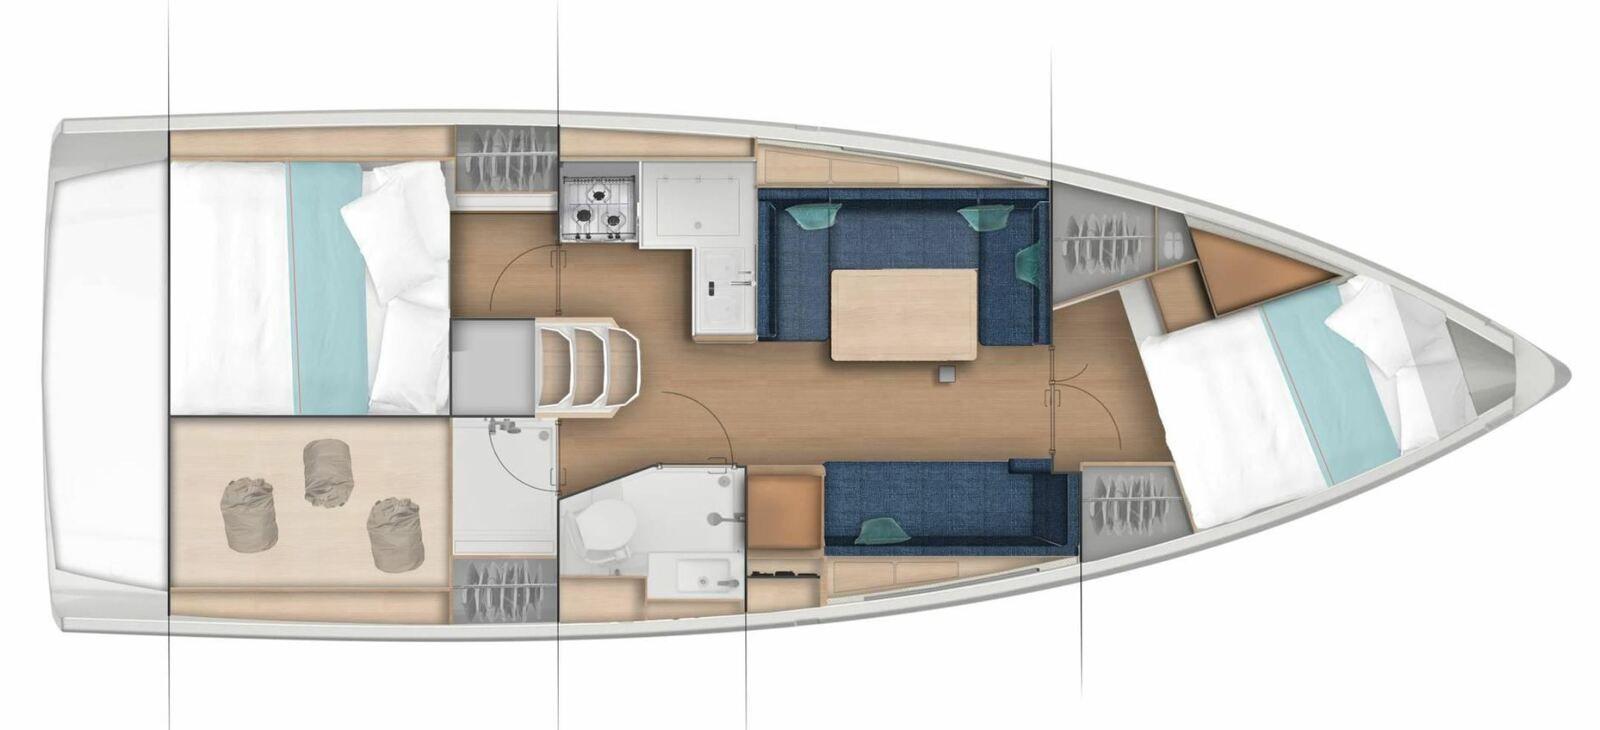 Nouveauté voile - Jeanneau lance le Jeanneau Sun Odyssey 380